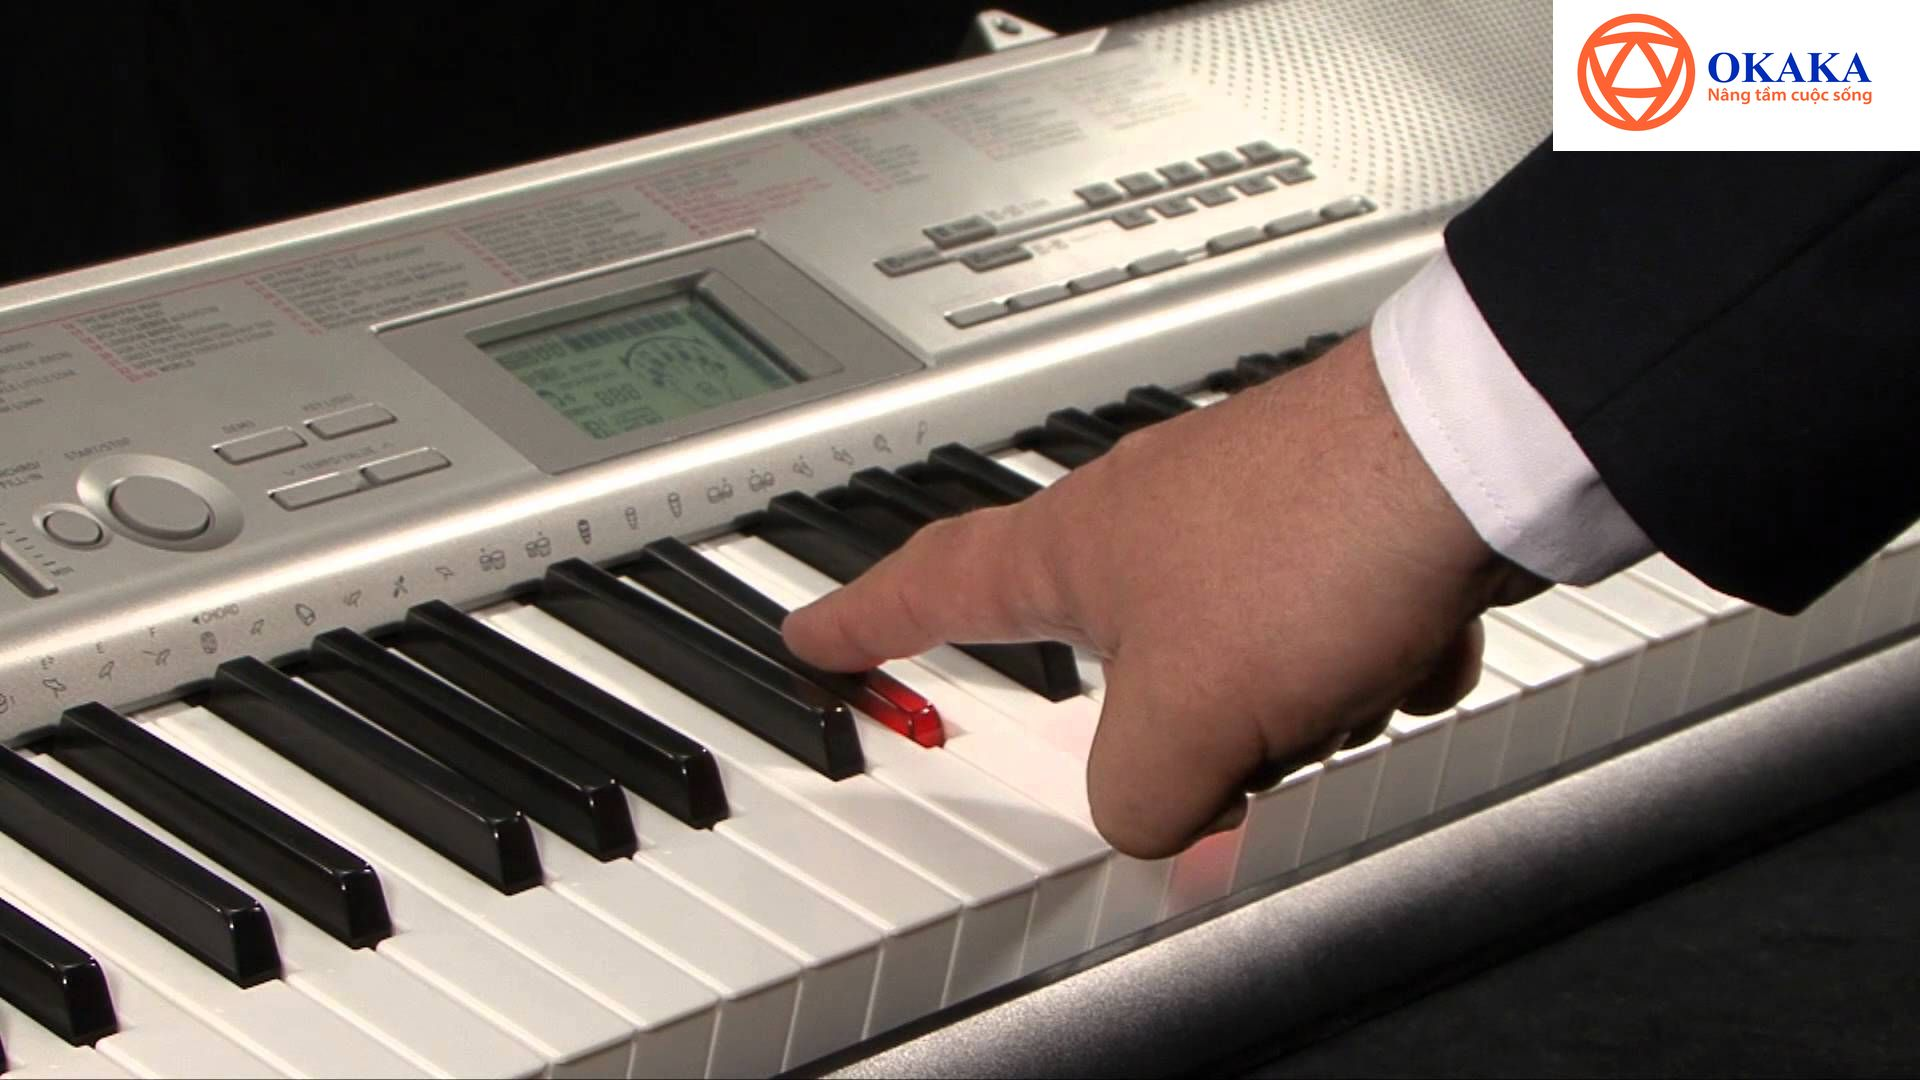 Đàn organ phím sáng Casio LK chính là một trong những giải pháp giúp các giáo viên không được đào tạo chuyên sâu về âm nhạc trút được phần nào nỗi lo đó.